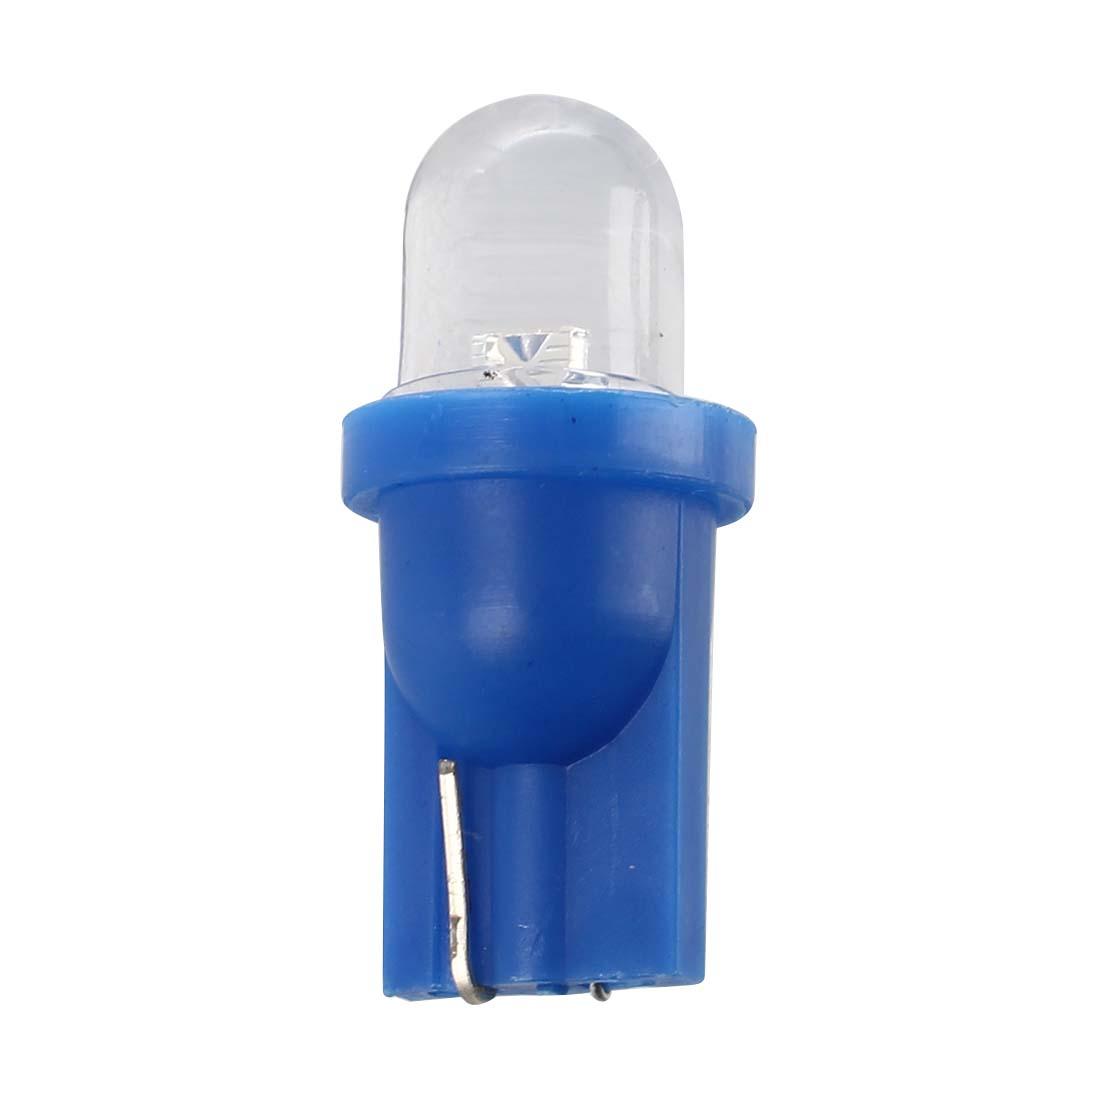 s2 10x blau led lampe licht birne leuchte t10 158 168 194 ebay. Black Bedroom Furniture Sets. Home Design Ideas